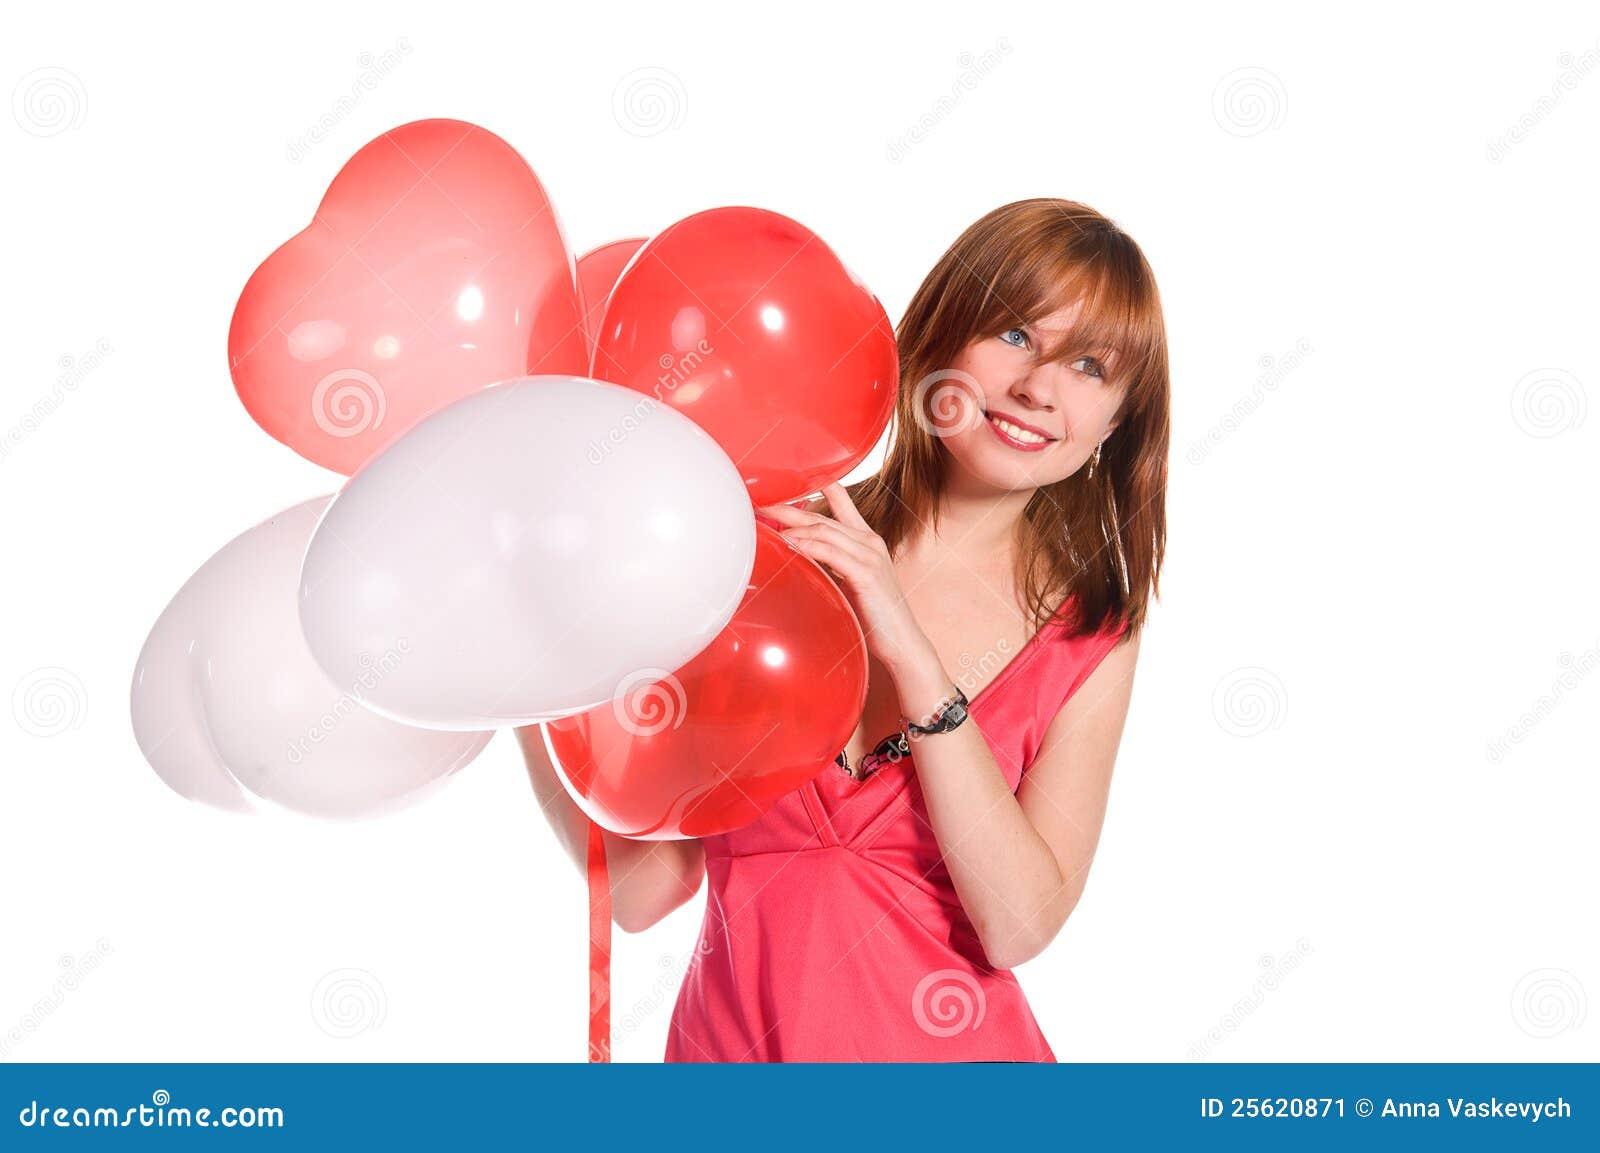 Red-haired девушка в розовом платье с воздушными шарами